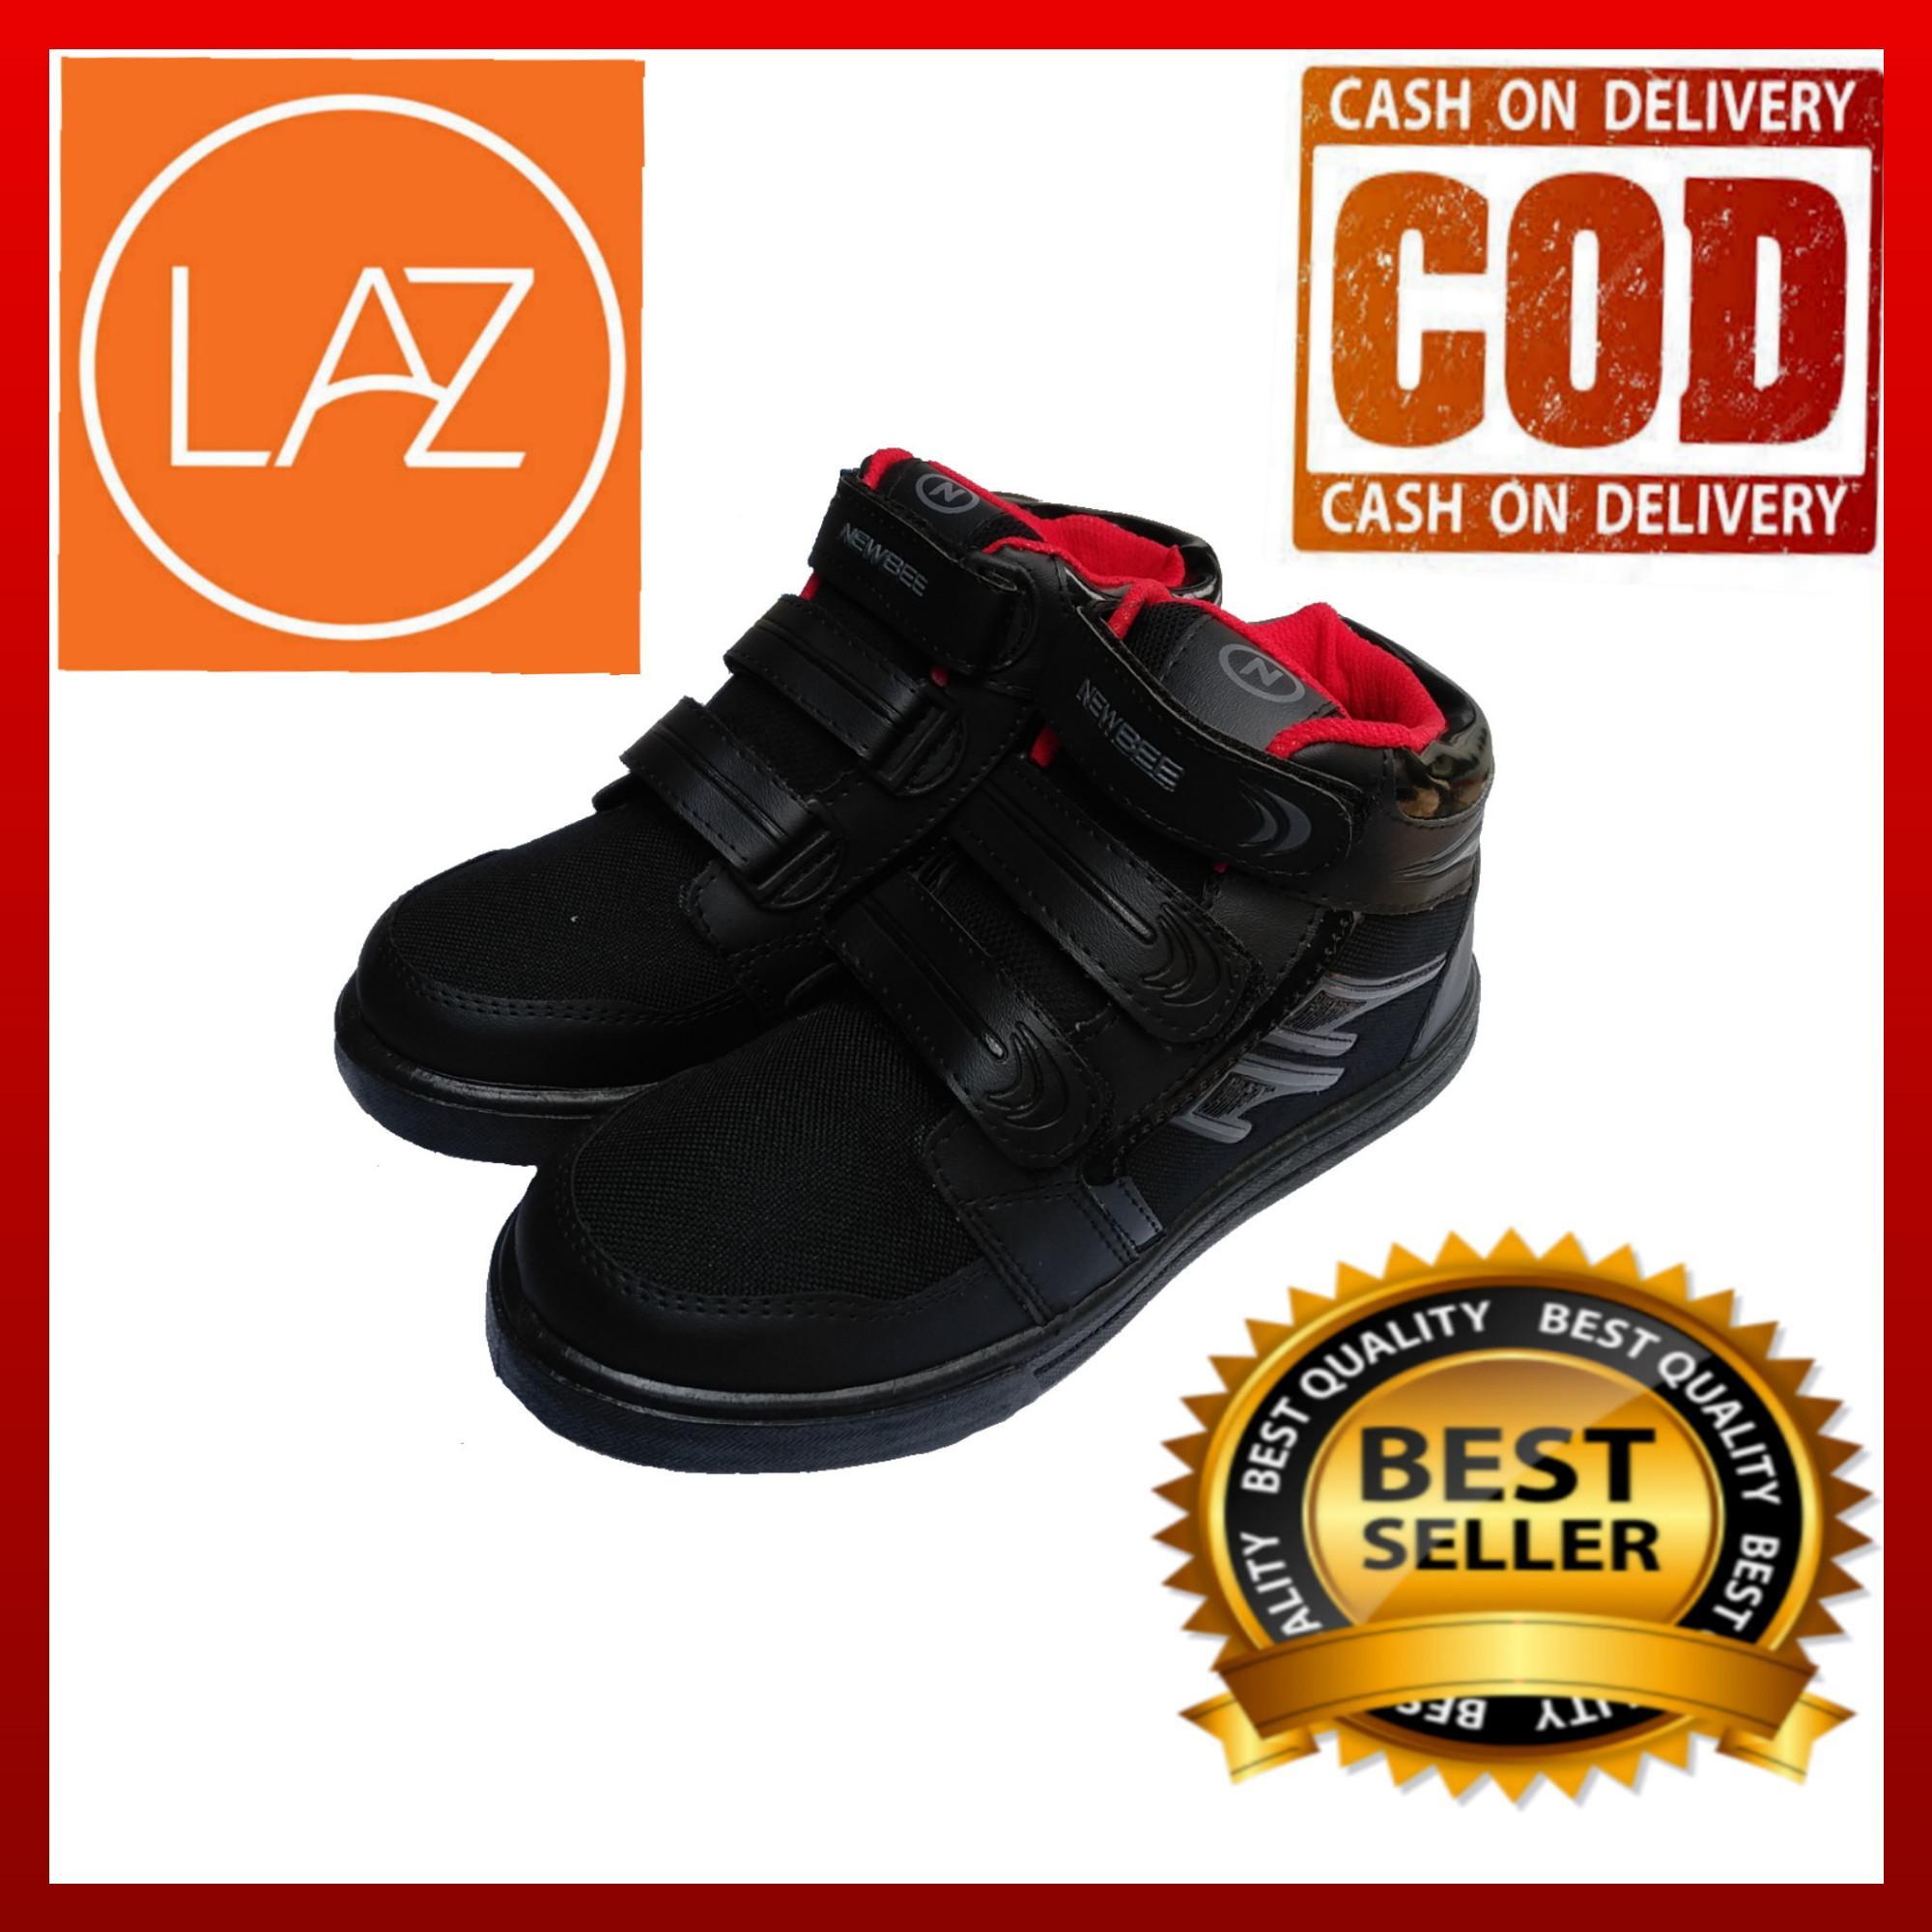 Sepatu Anak Sekolah   Sepatu Anak Sekolah Warna Hitam   Sepatu Anak Sekolah  Slip on 2406478069